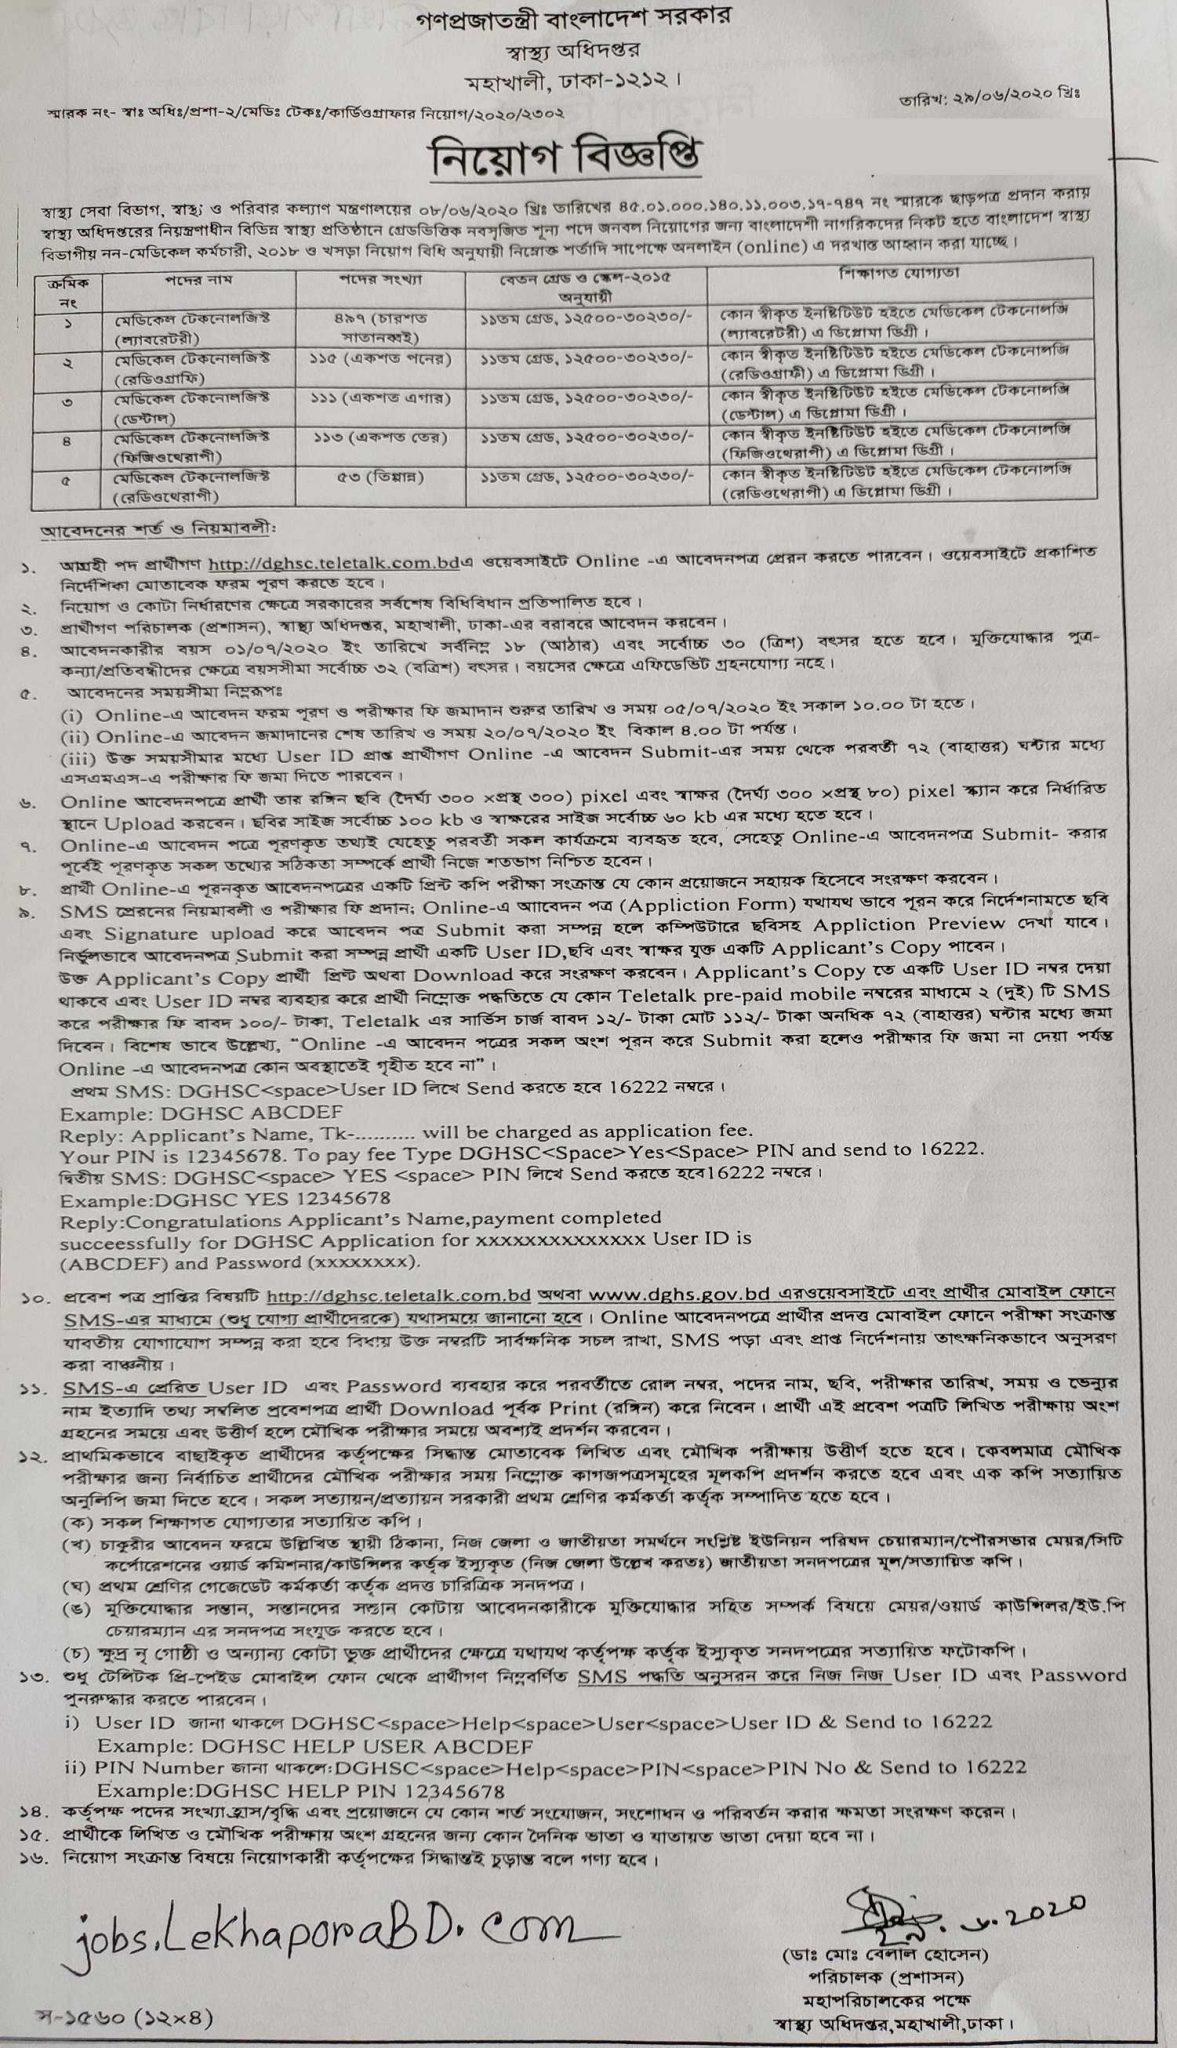 Directorate General Of Health Services (DGHS) Job Circular 2020